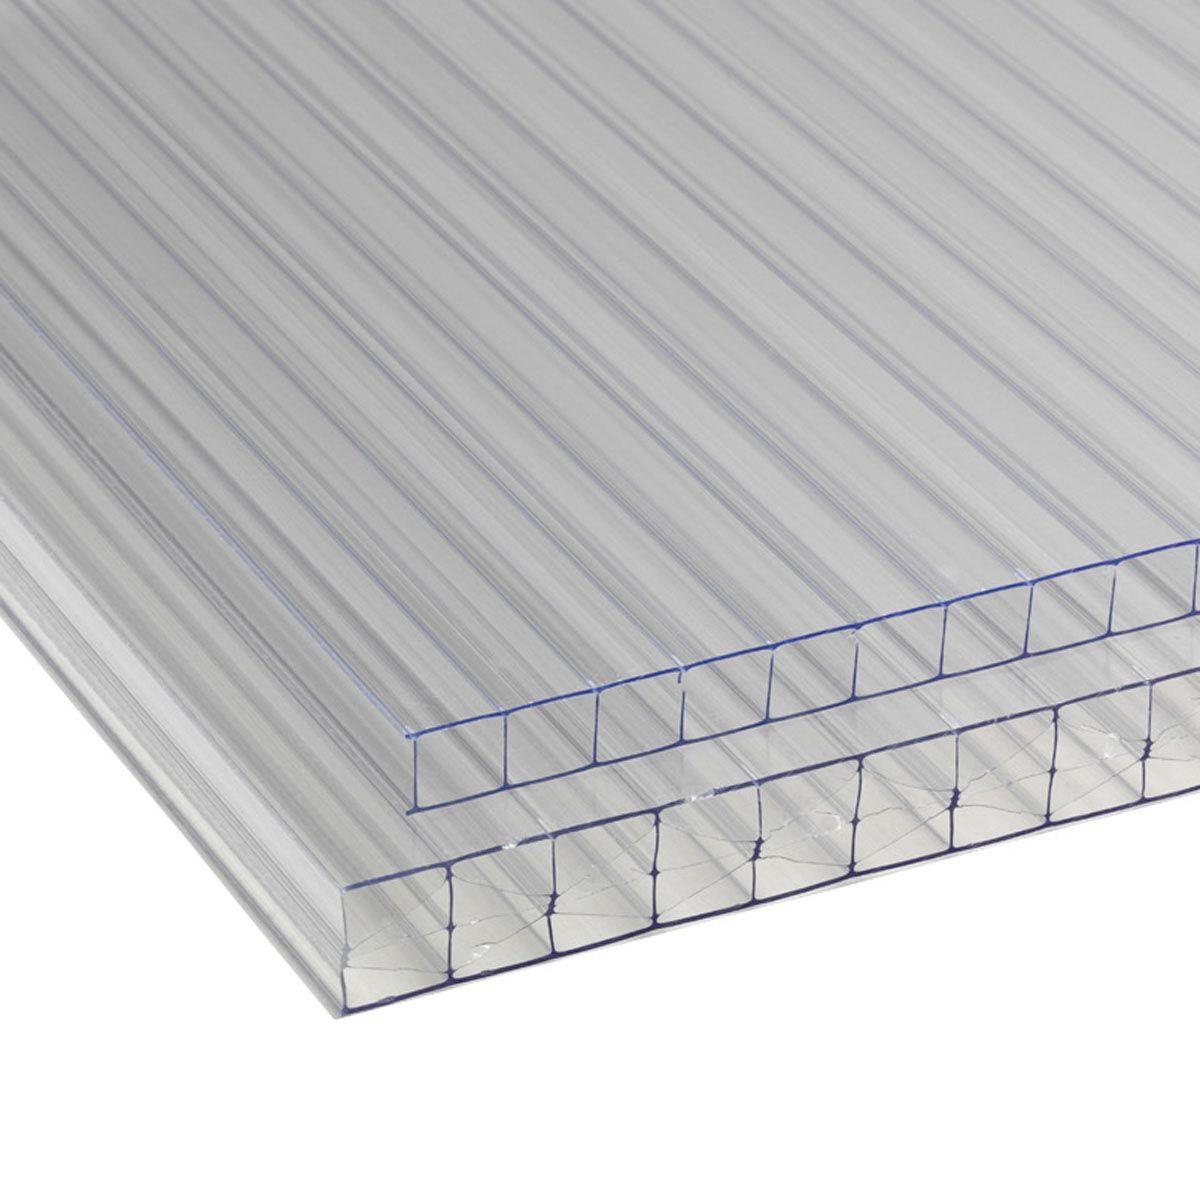 Doppelstegplatte, aus PC, transparent, 6000 x 2100 x 10 mm